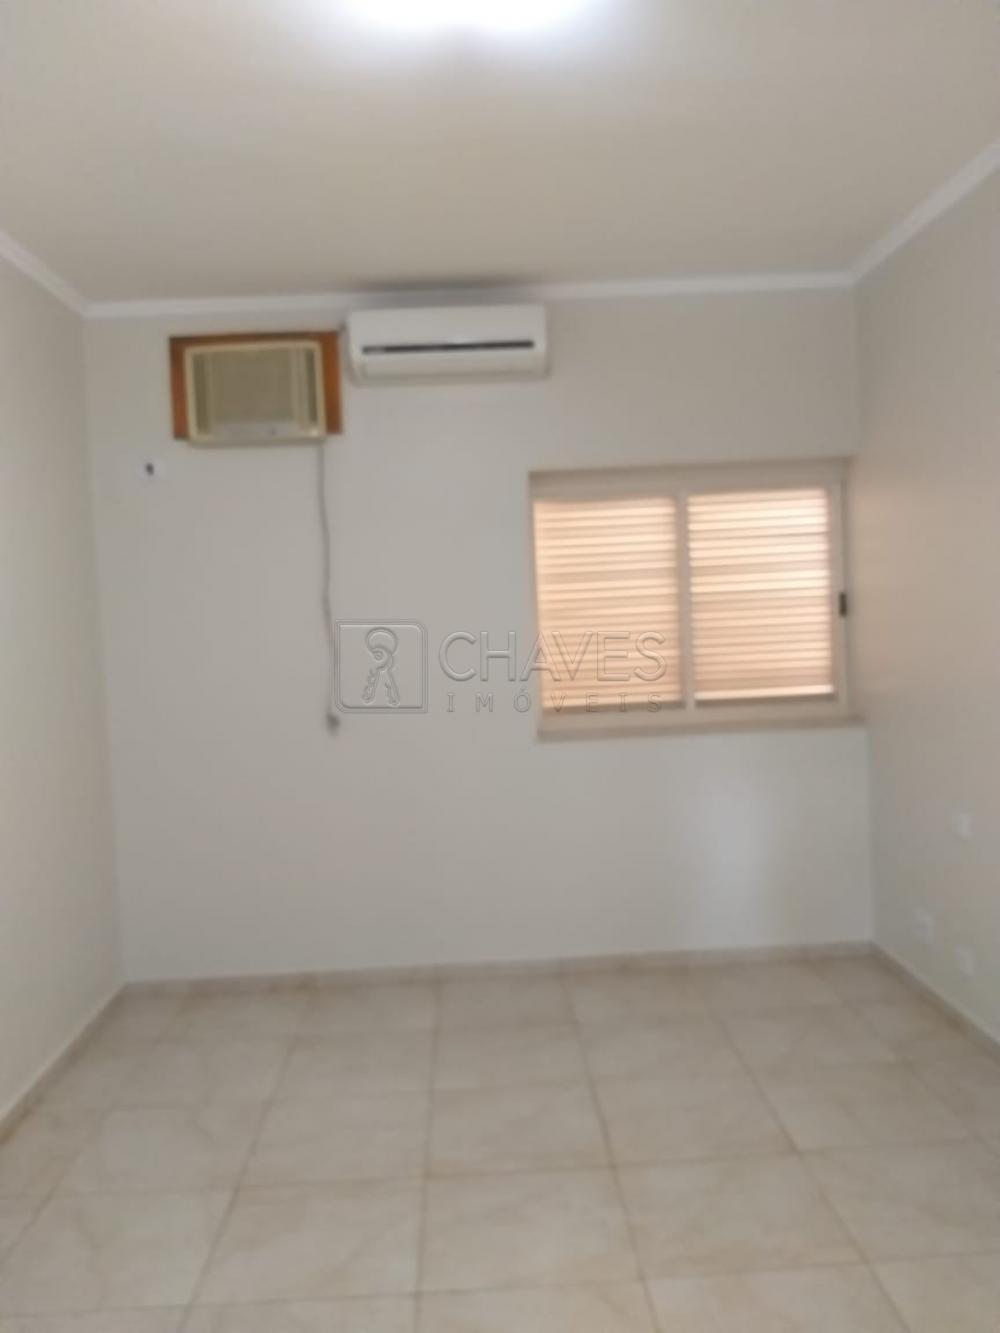 Alugar Casa / Condomínio em Ribeirão Preto R$ 3.300,00 - Foto 17